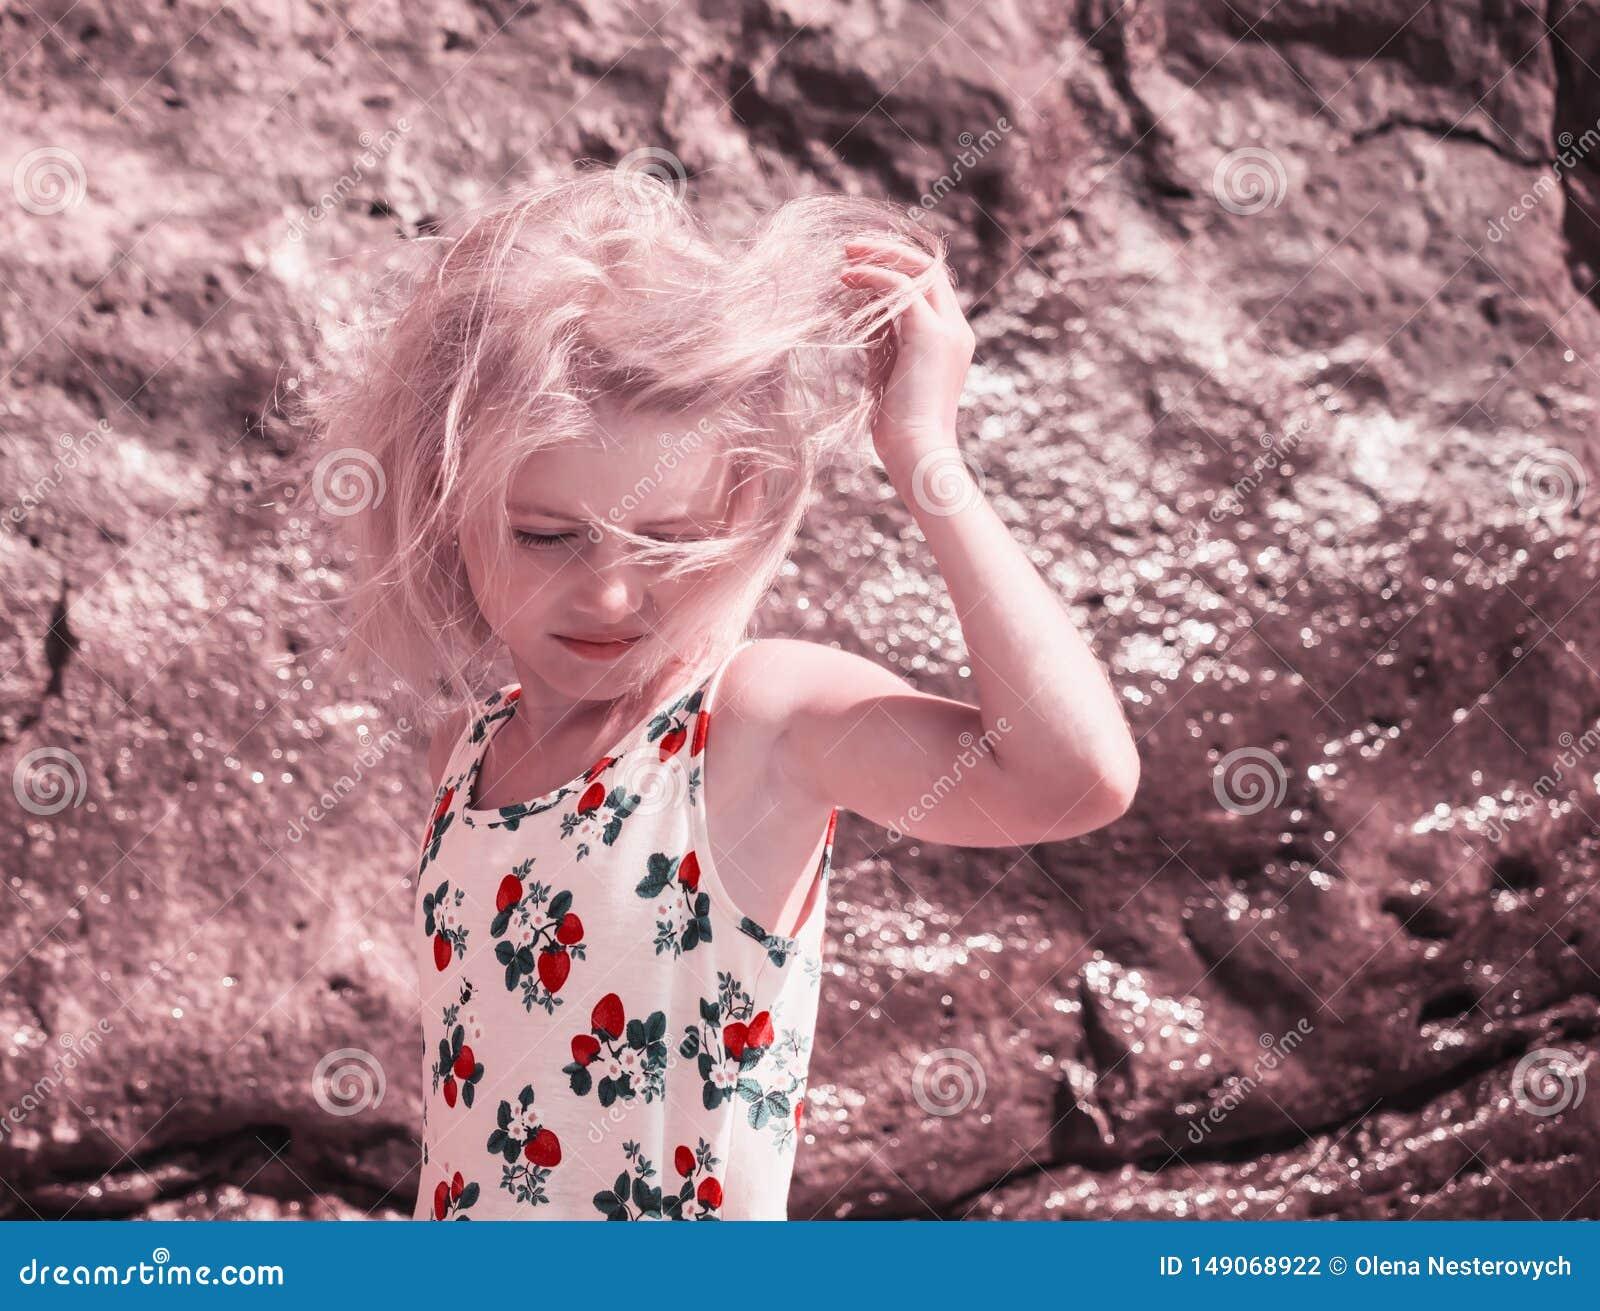 Ο αέρας παίζει την τρίχα στο ξανθό κορίτσι στην παραλία